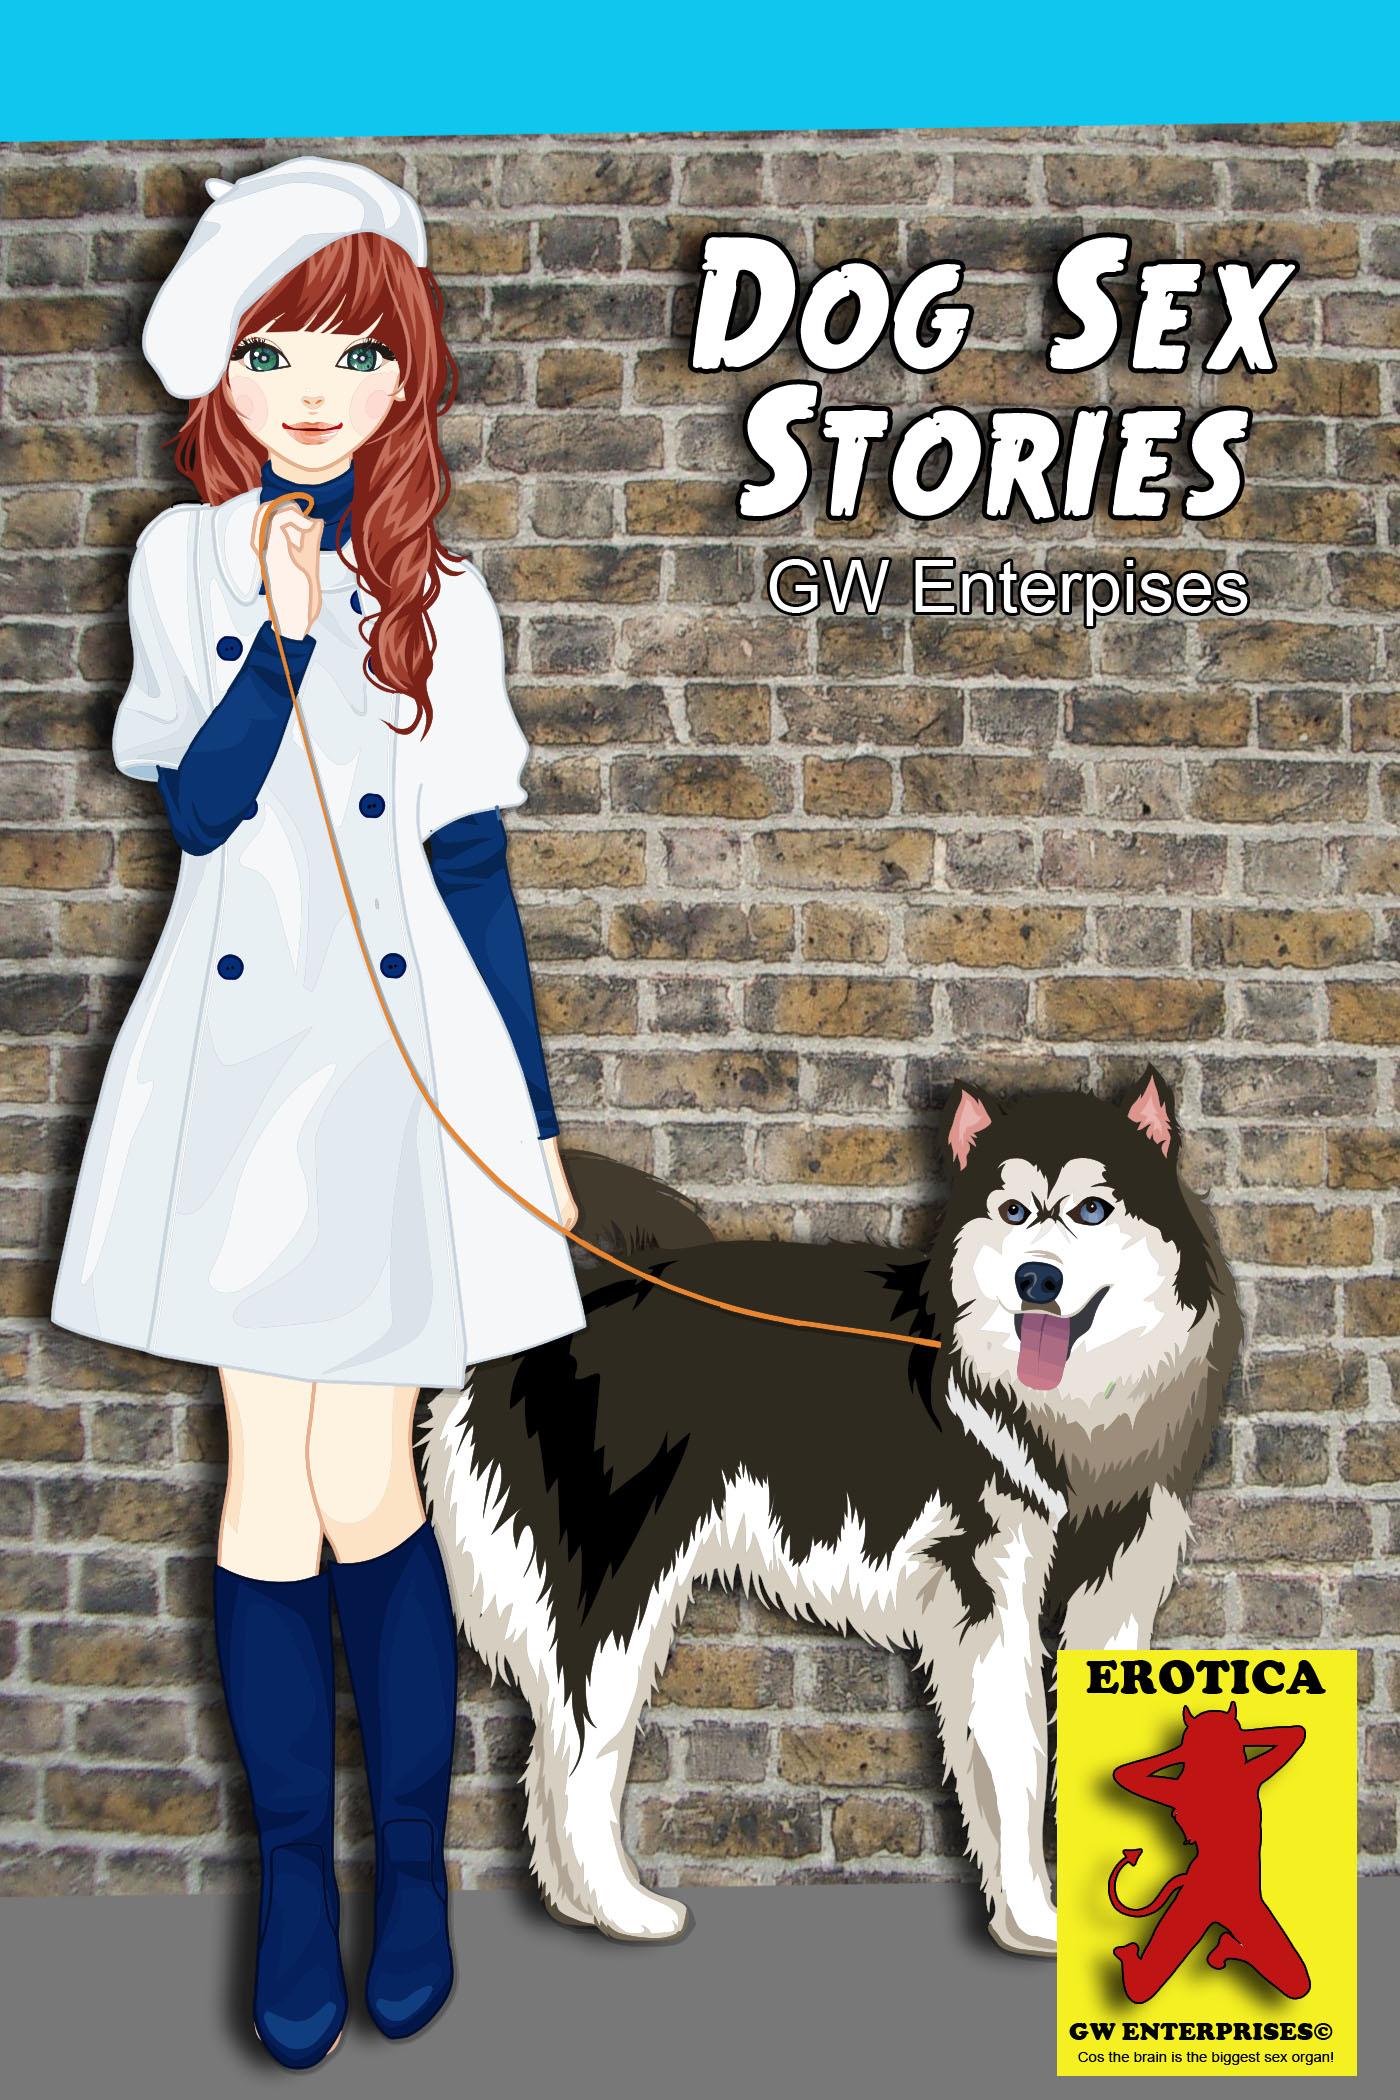 Smashwords Hundekønshistorier En bog af Gw Enterprises-7379